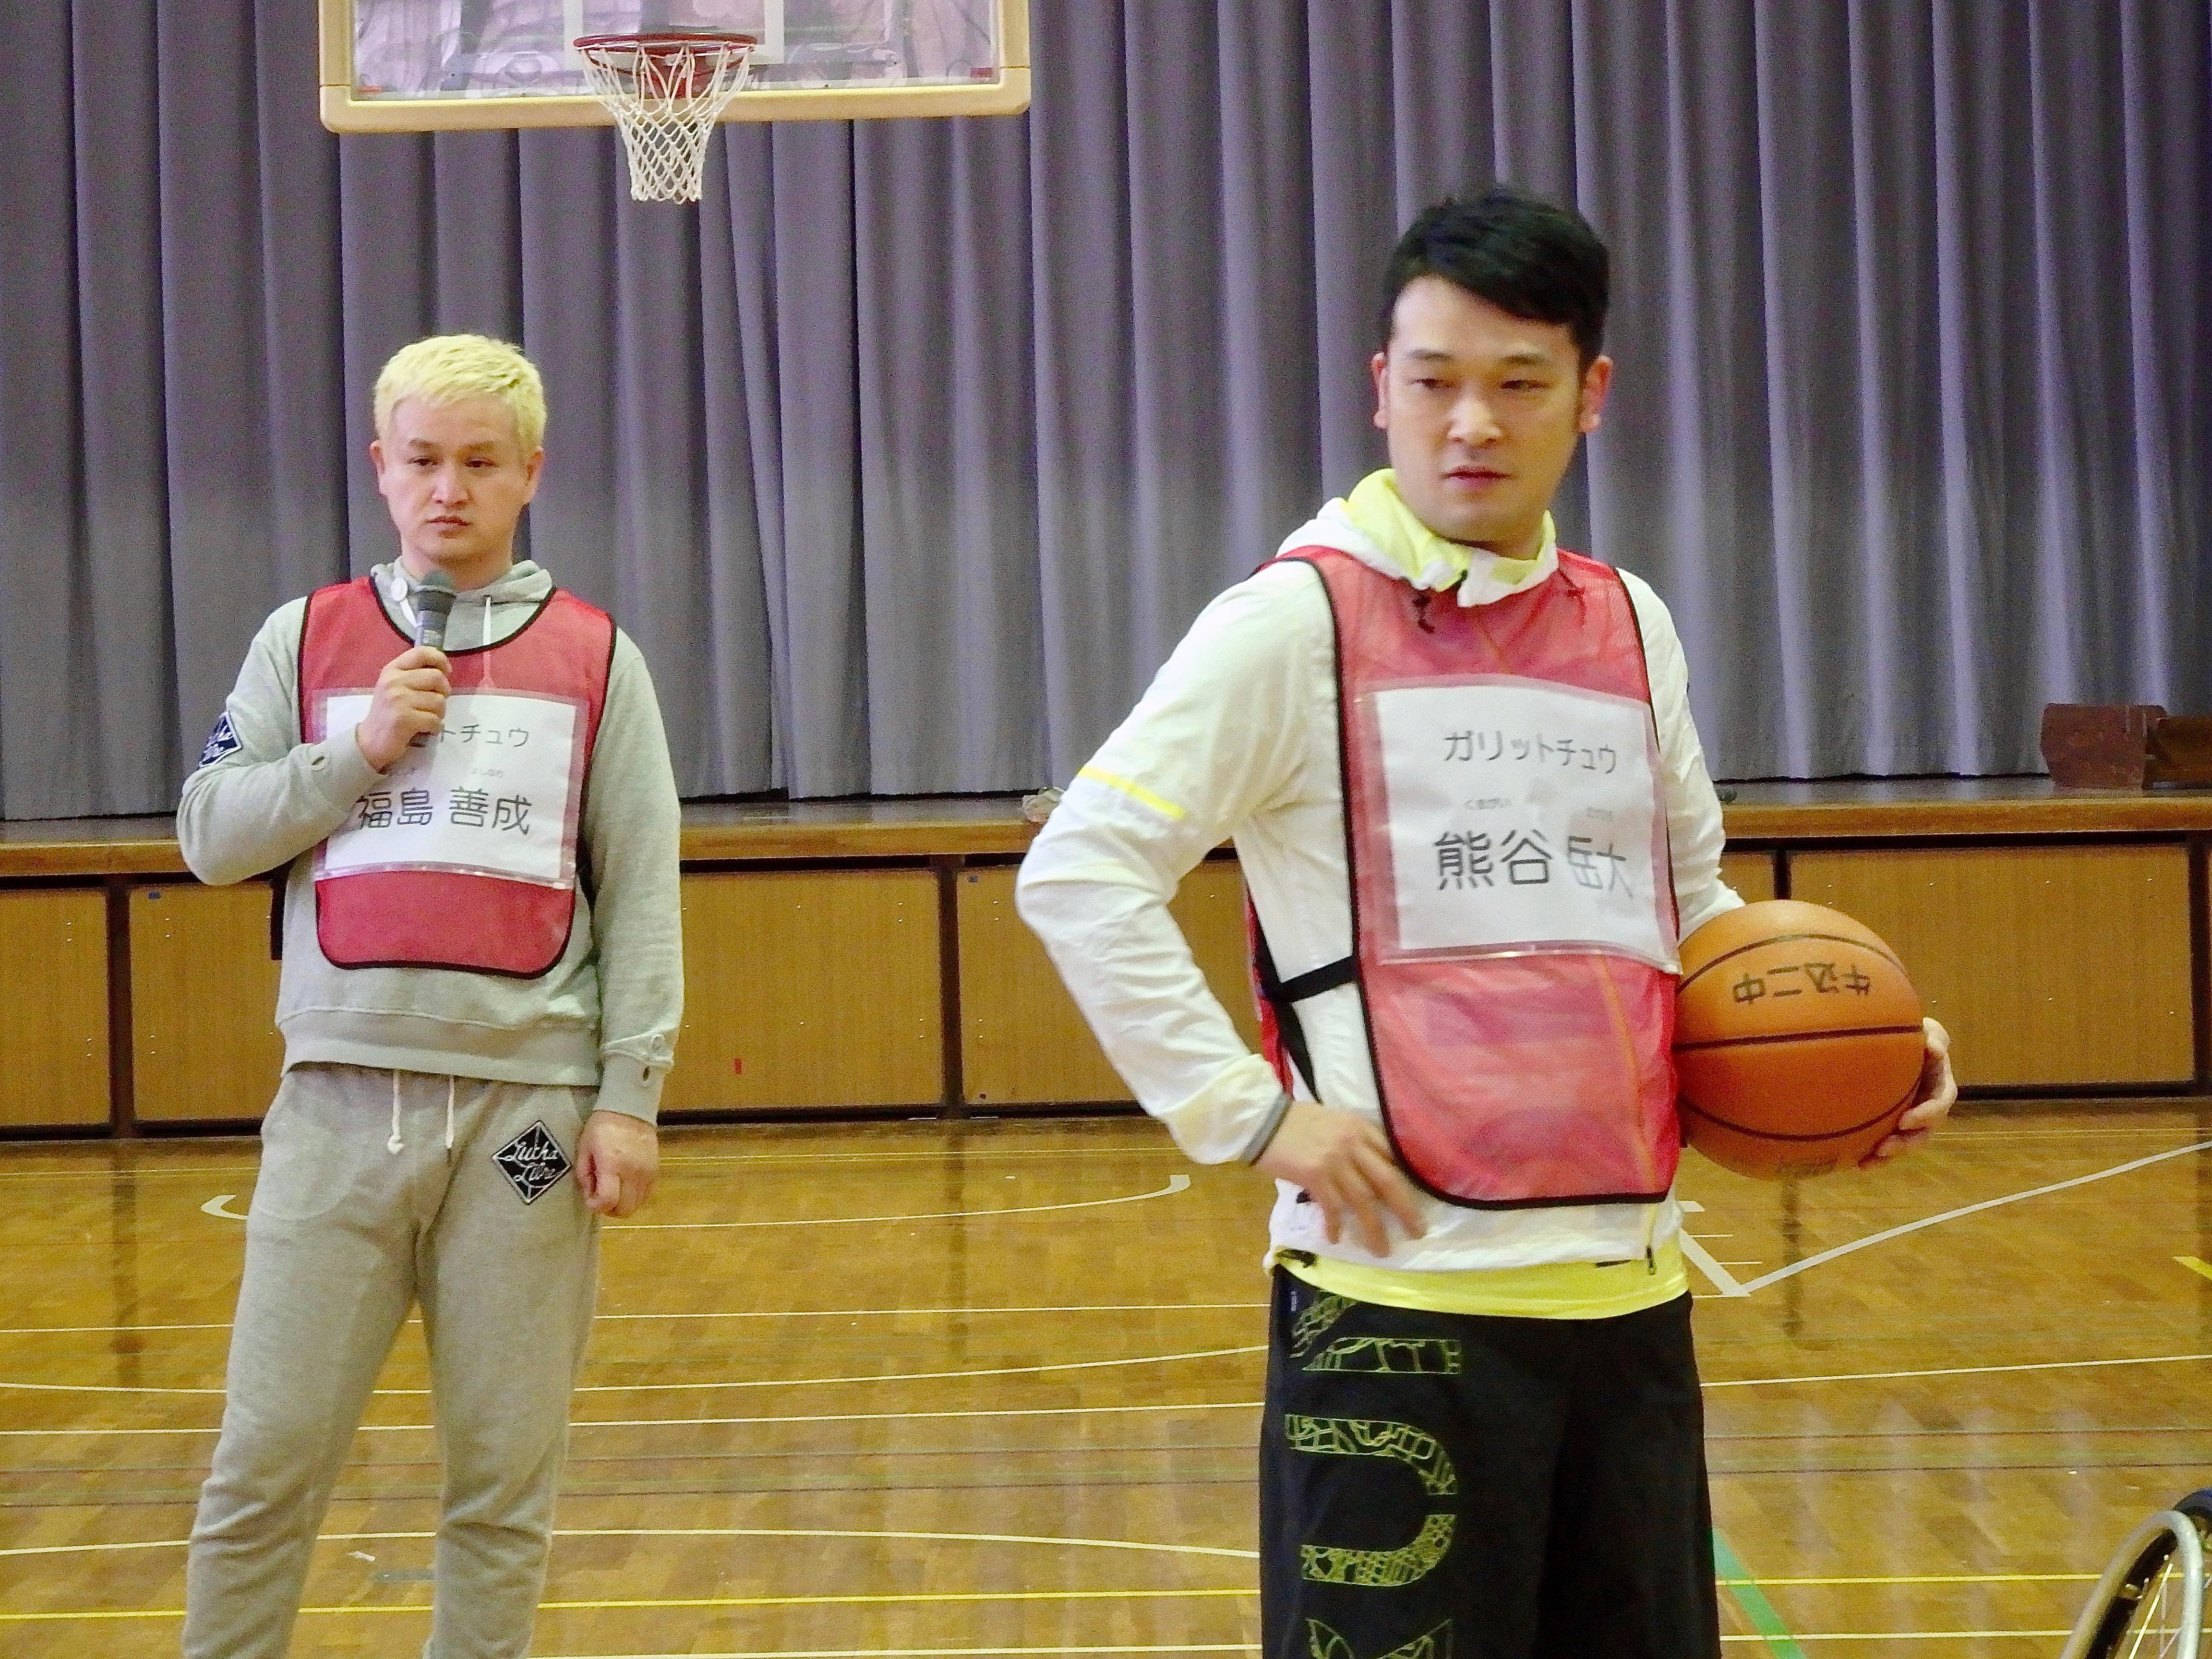 http://news.yoshimoto.co.jp/20170316032539-1e1a584b856b3eec669987622bf6dfaf43cf8356.jpg